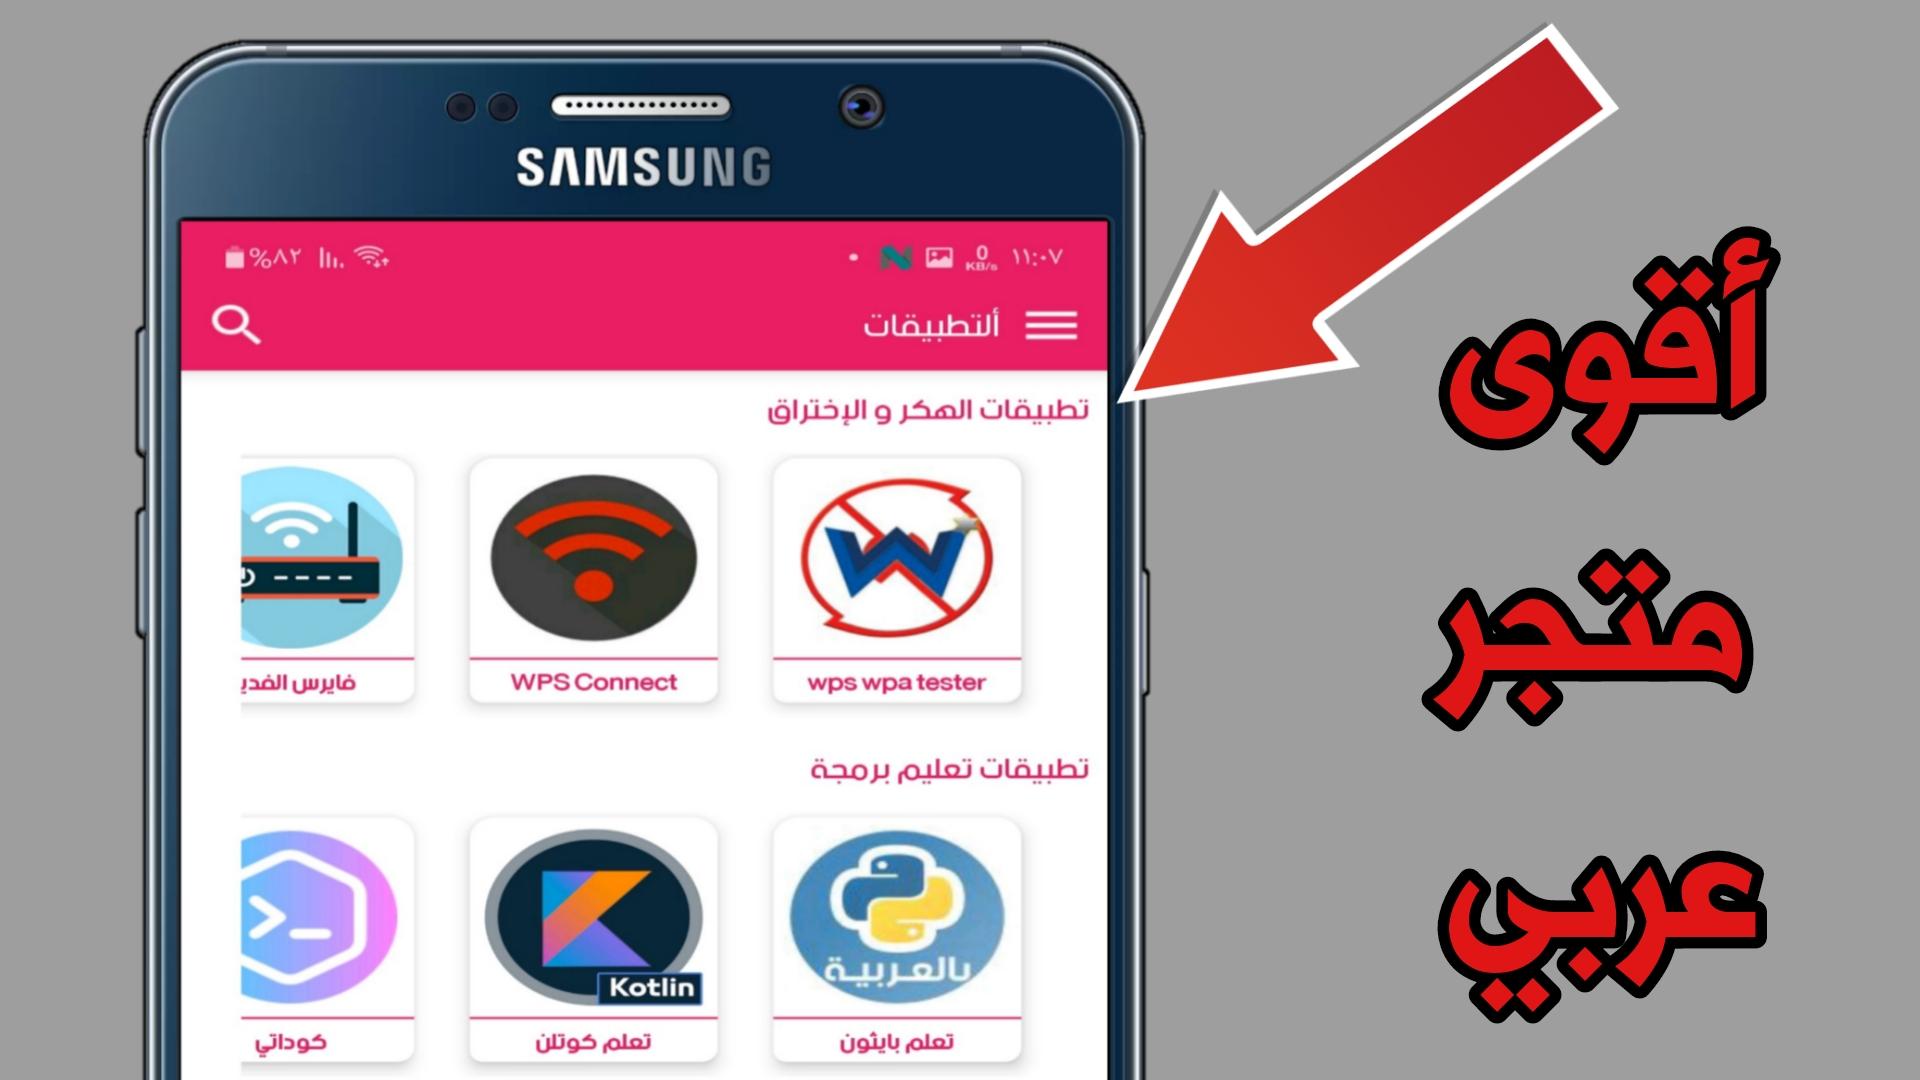 أقوى متجر عربي للأندرويد أدوات تطبيقات روت شروحات في تطبيق واحد